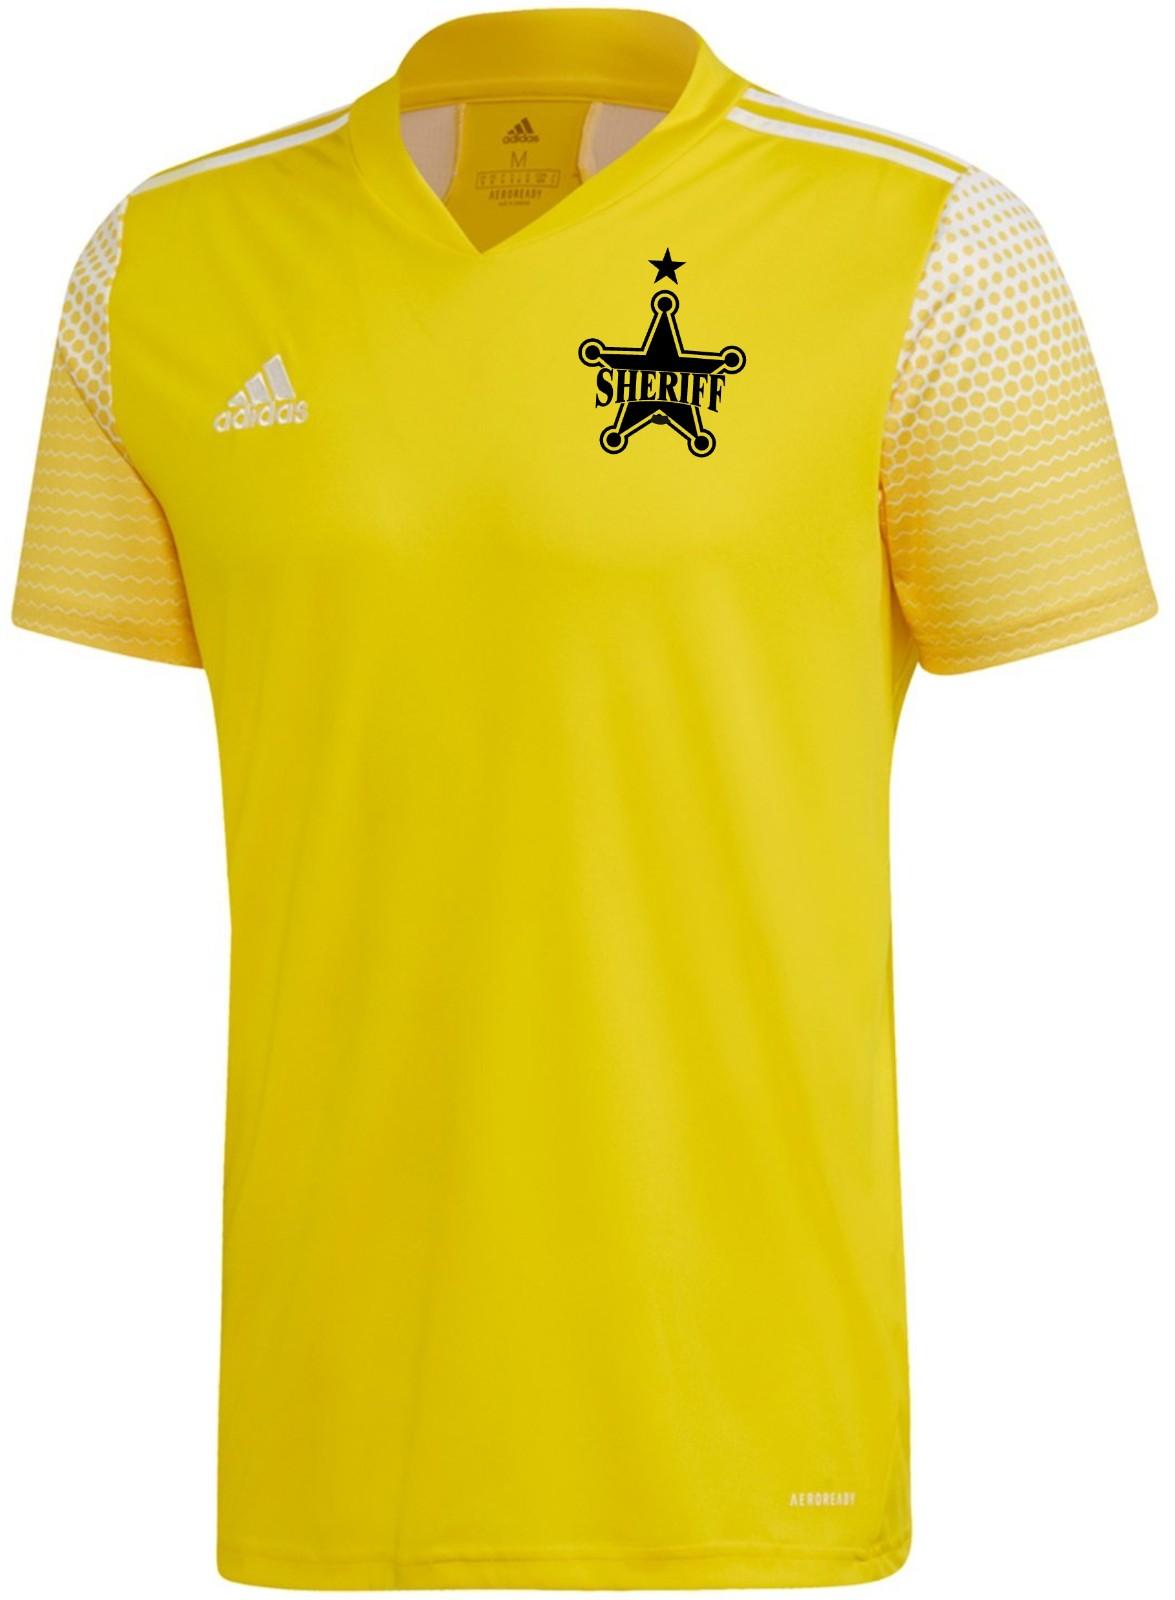 maillot sheriff tiraspol 2021 2022 extérieur adidas